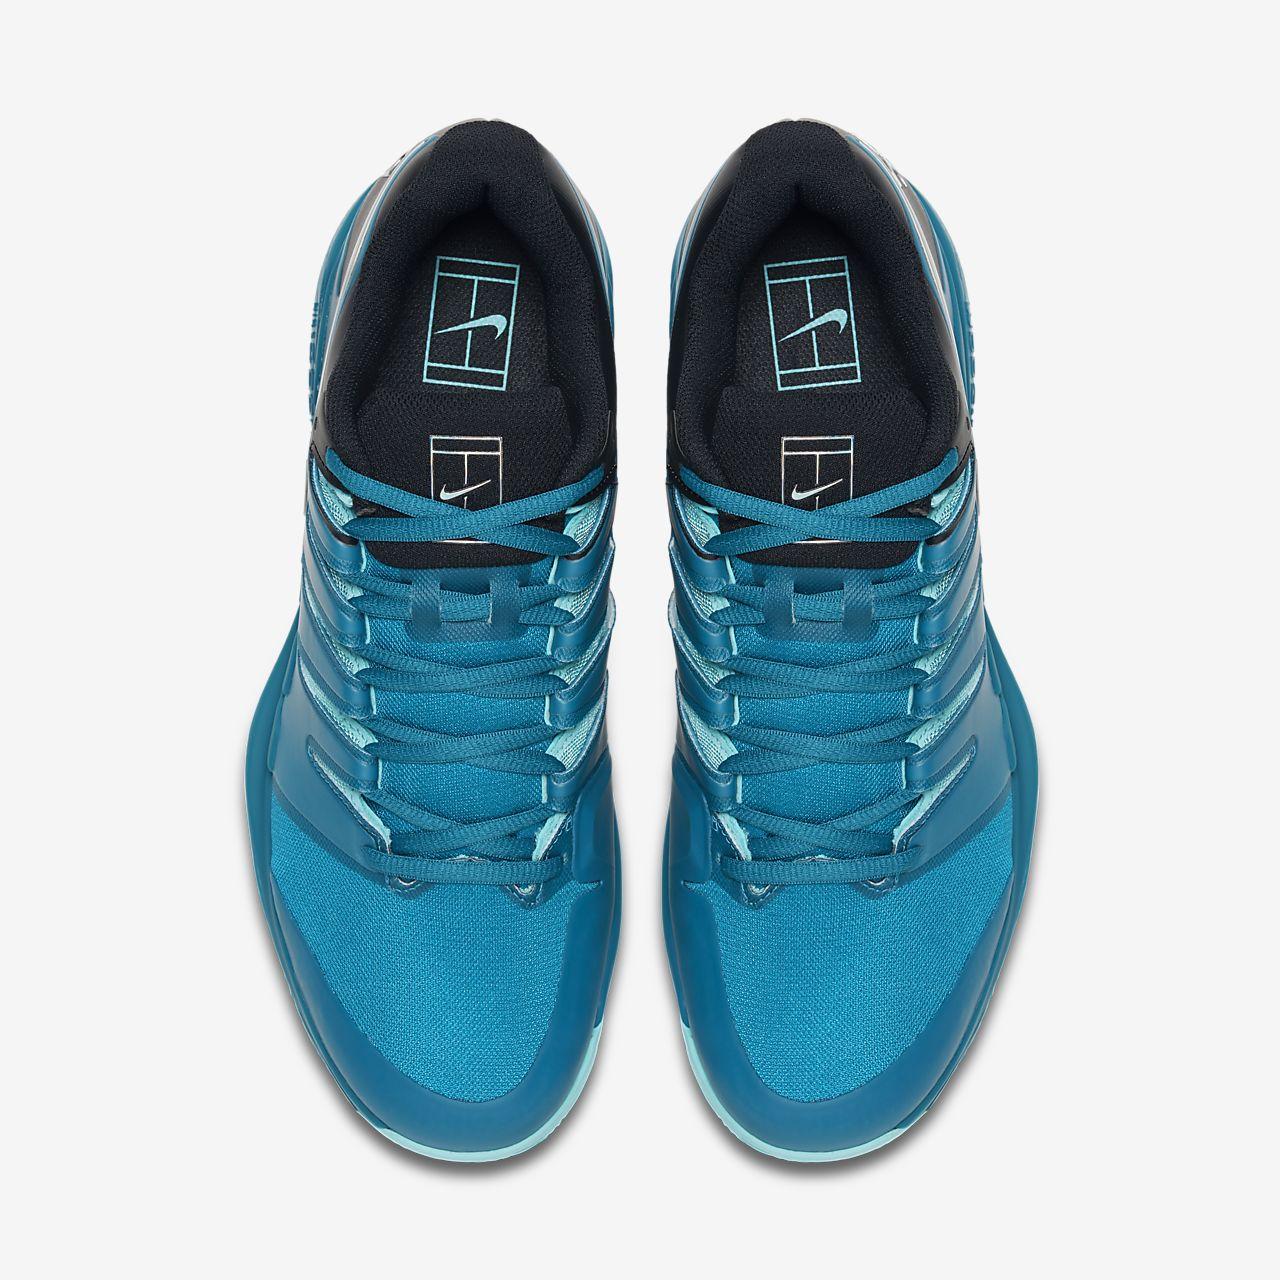 e92bbf10ed1f8 Nike.com CH Scarpa da tennis Nike Air Zoom Vapor X Clay - Uomo.